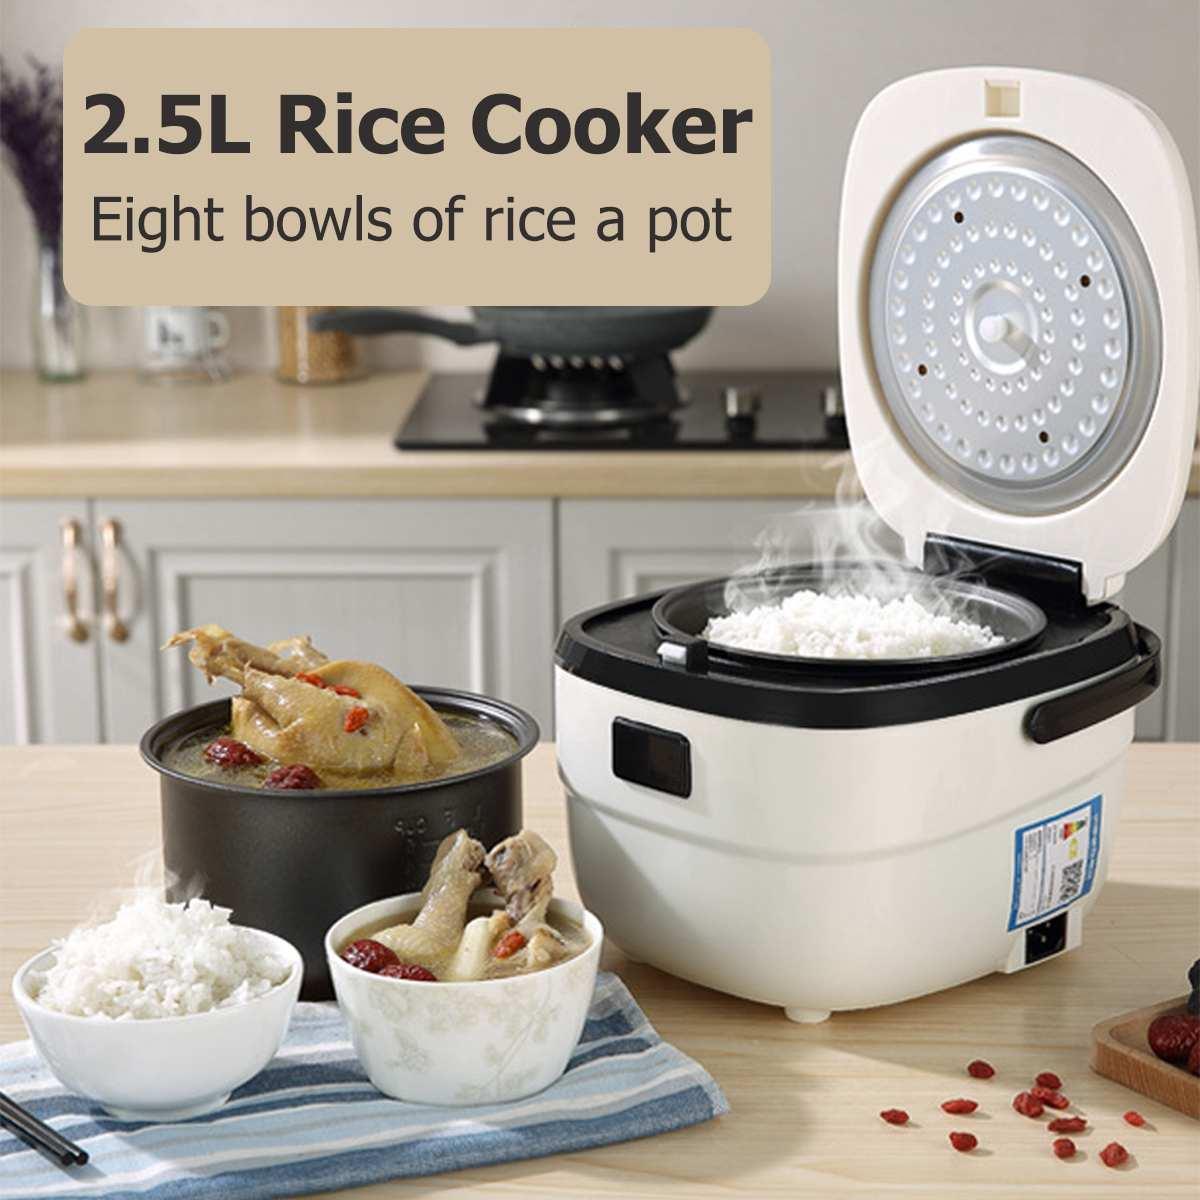 Cuiseur à riz électrique 2.5L cuiseur à riz cuiseur à vapeur multifonction automatique intelligent 5 couches revêtement antiadhésif casserole intérieure